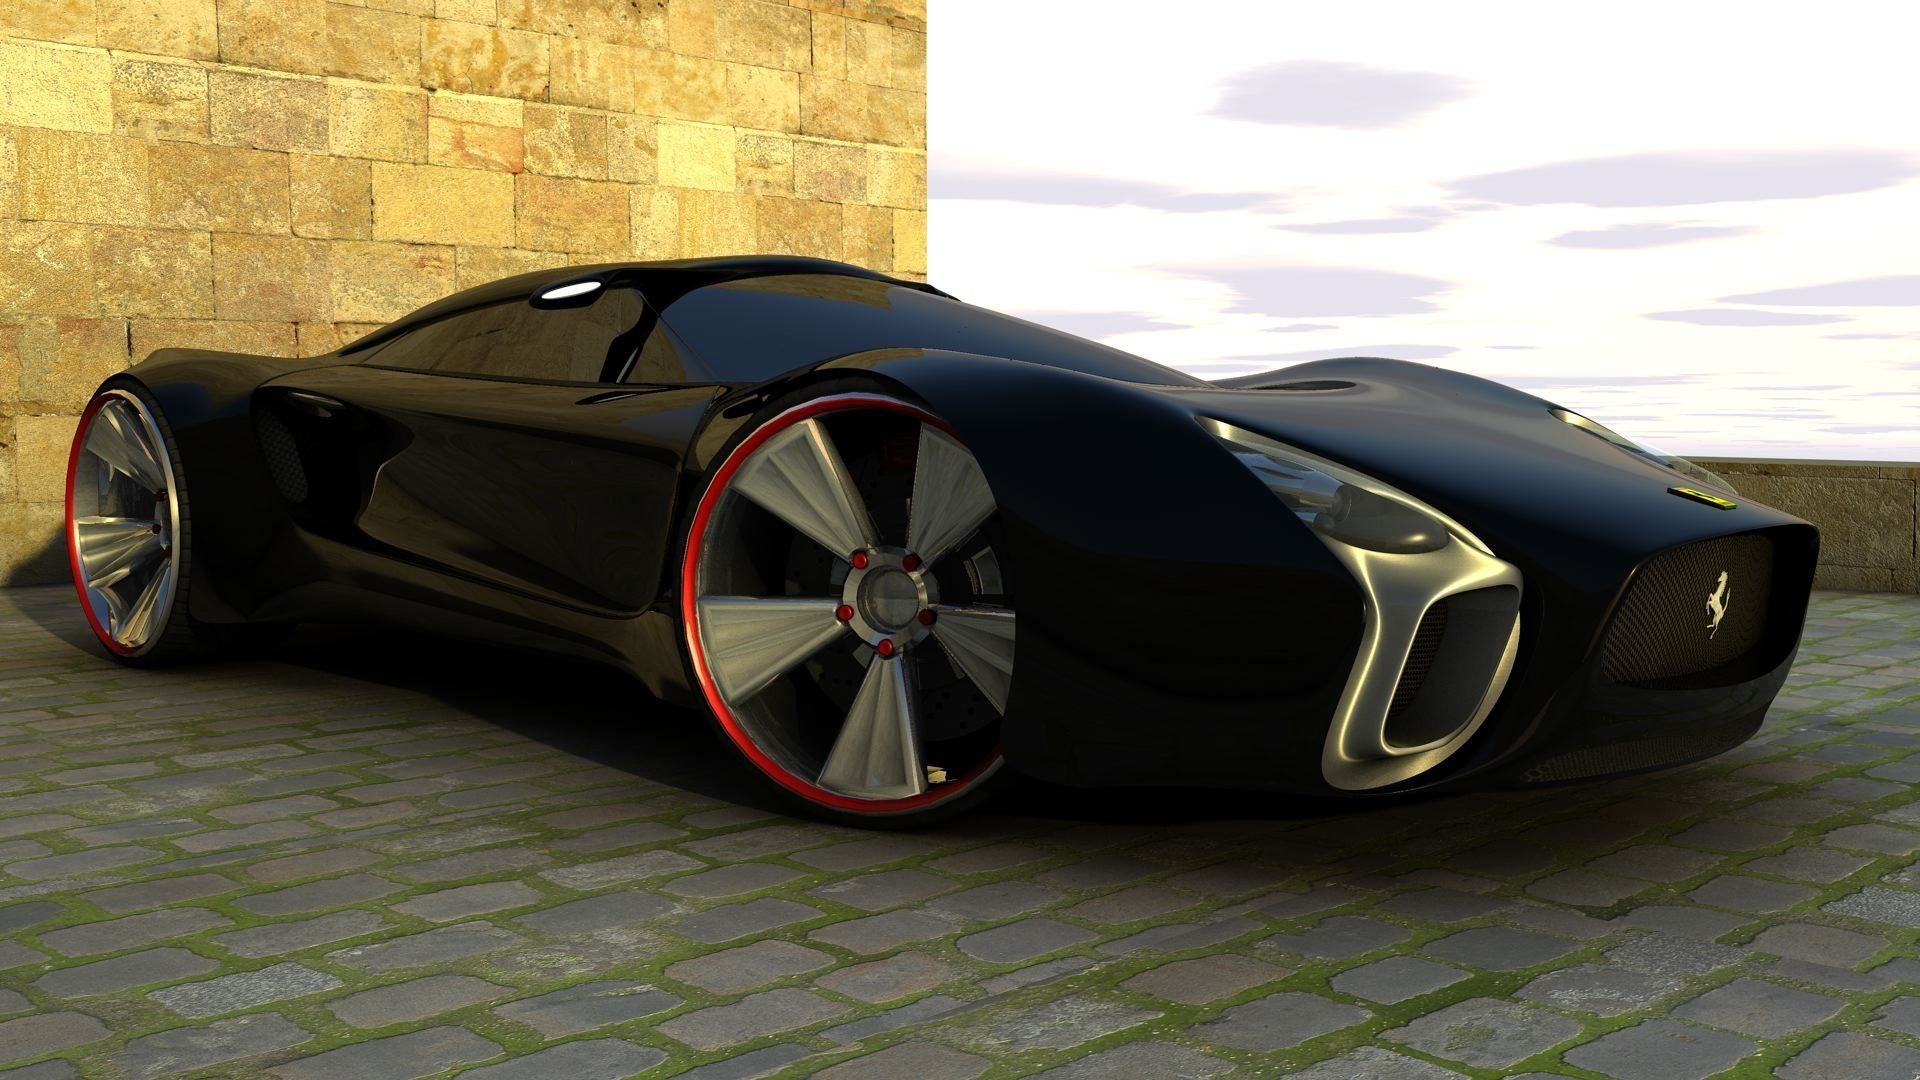 Black Ferrari Concept Car Perfect For You FerrariVol 1